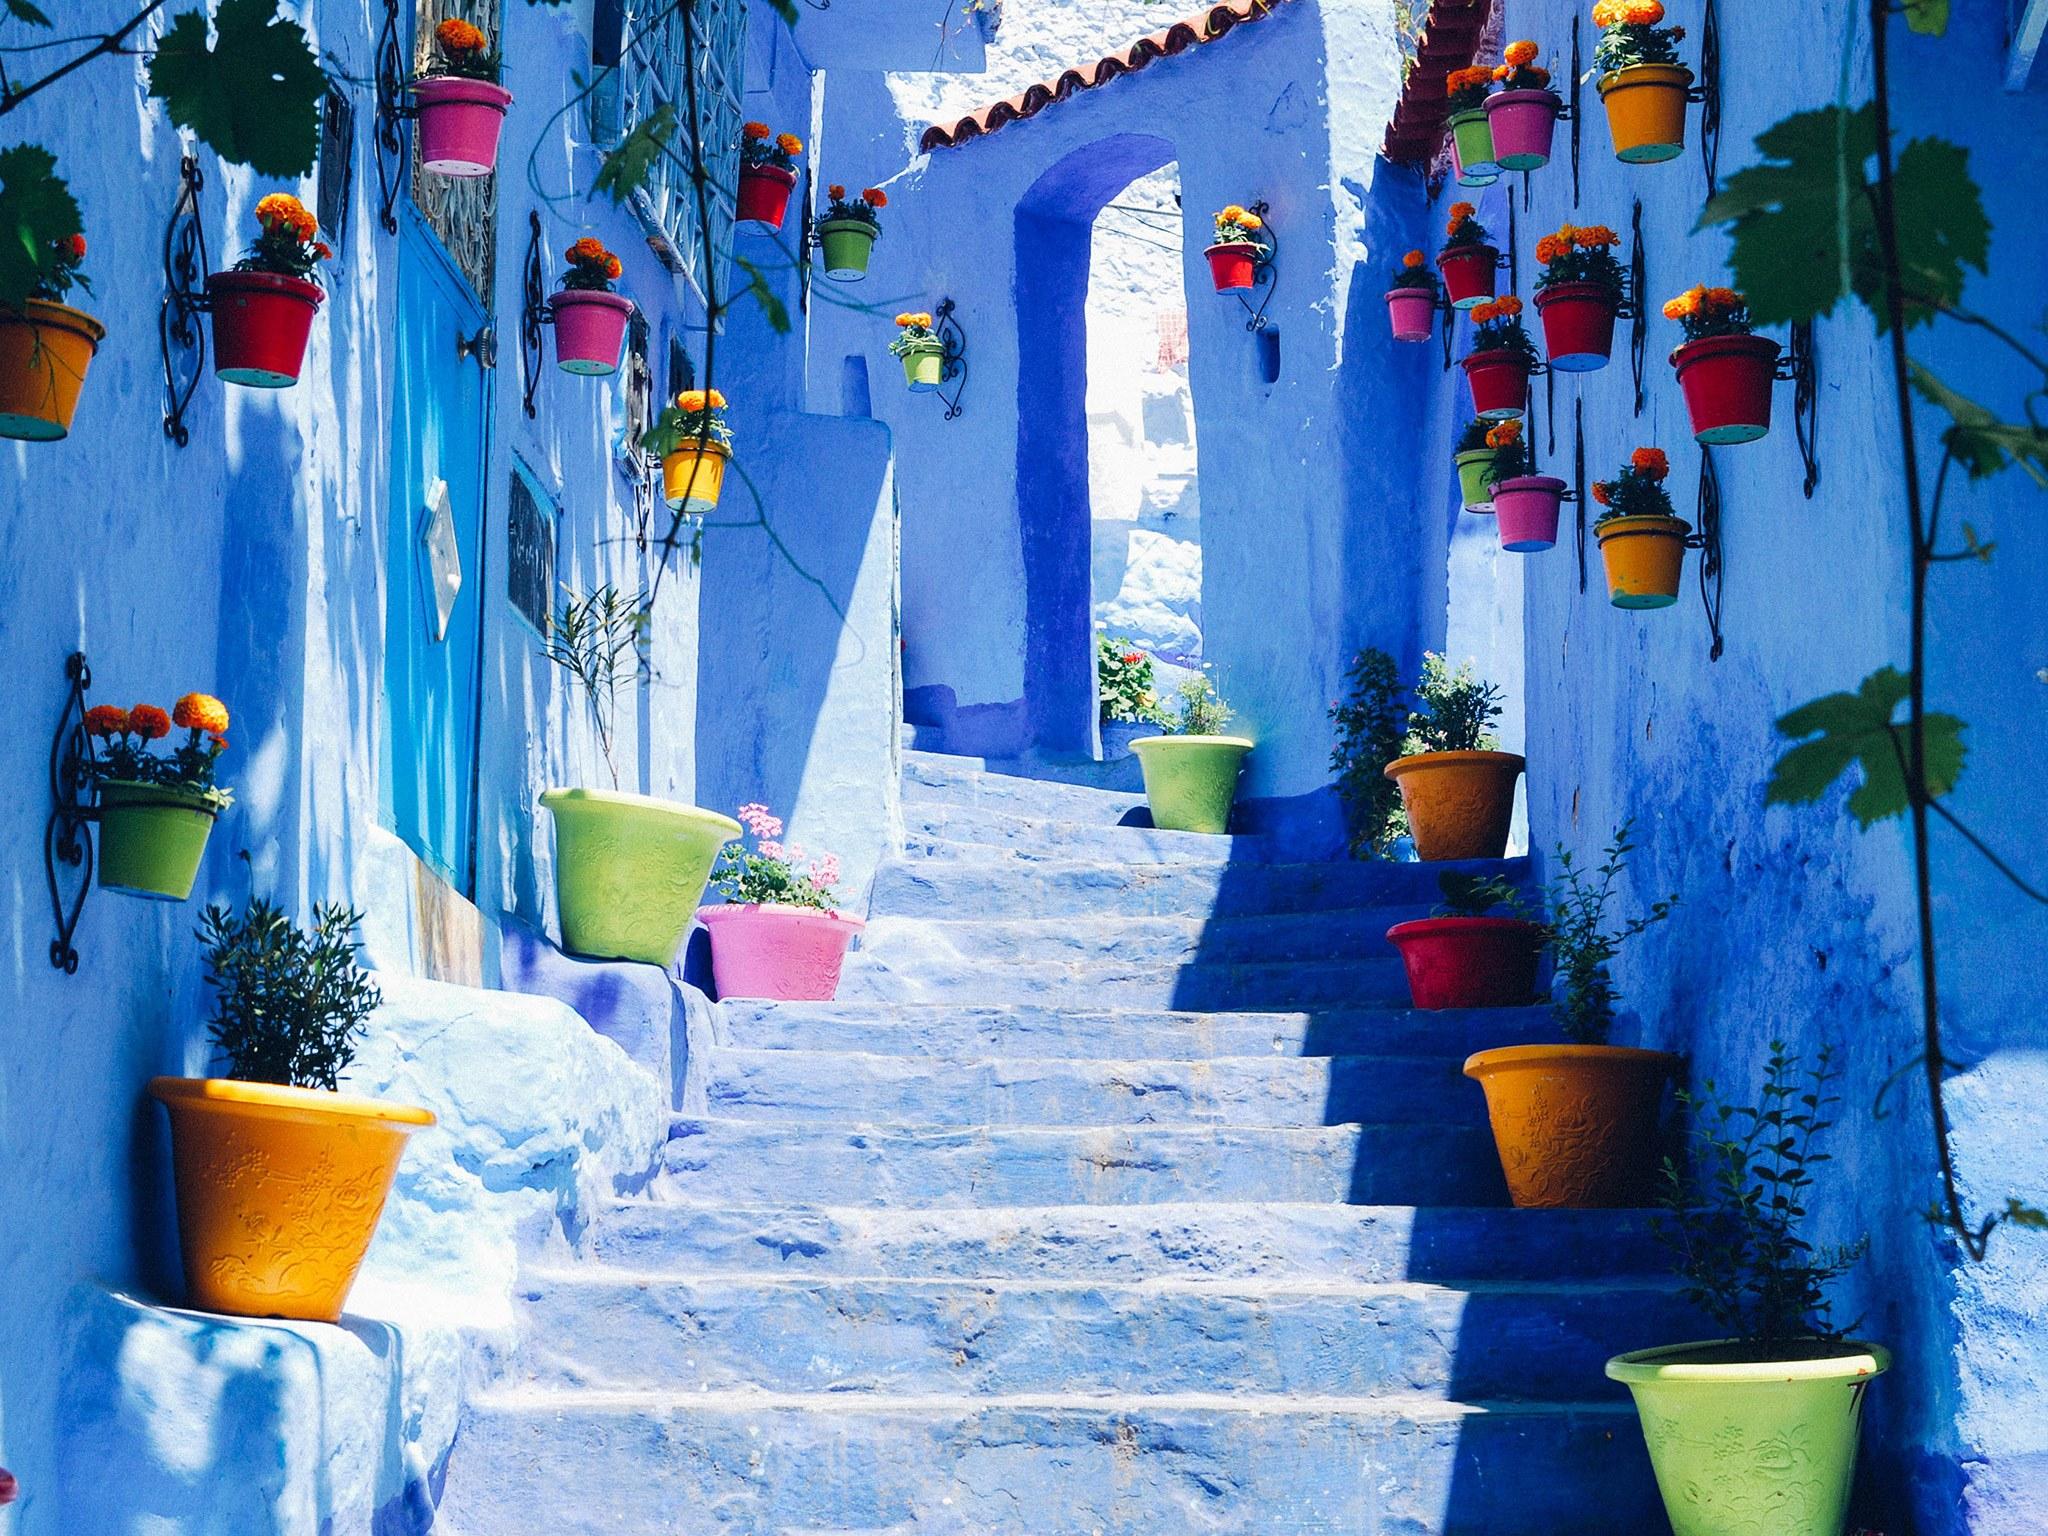 المغرب الساحر و بلدانه الخلابة